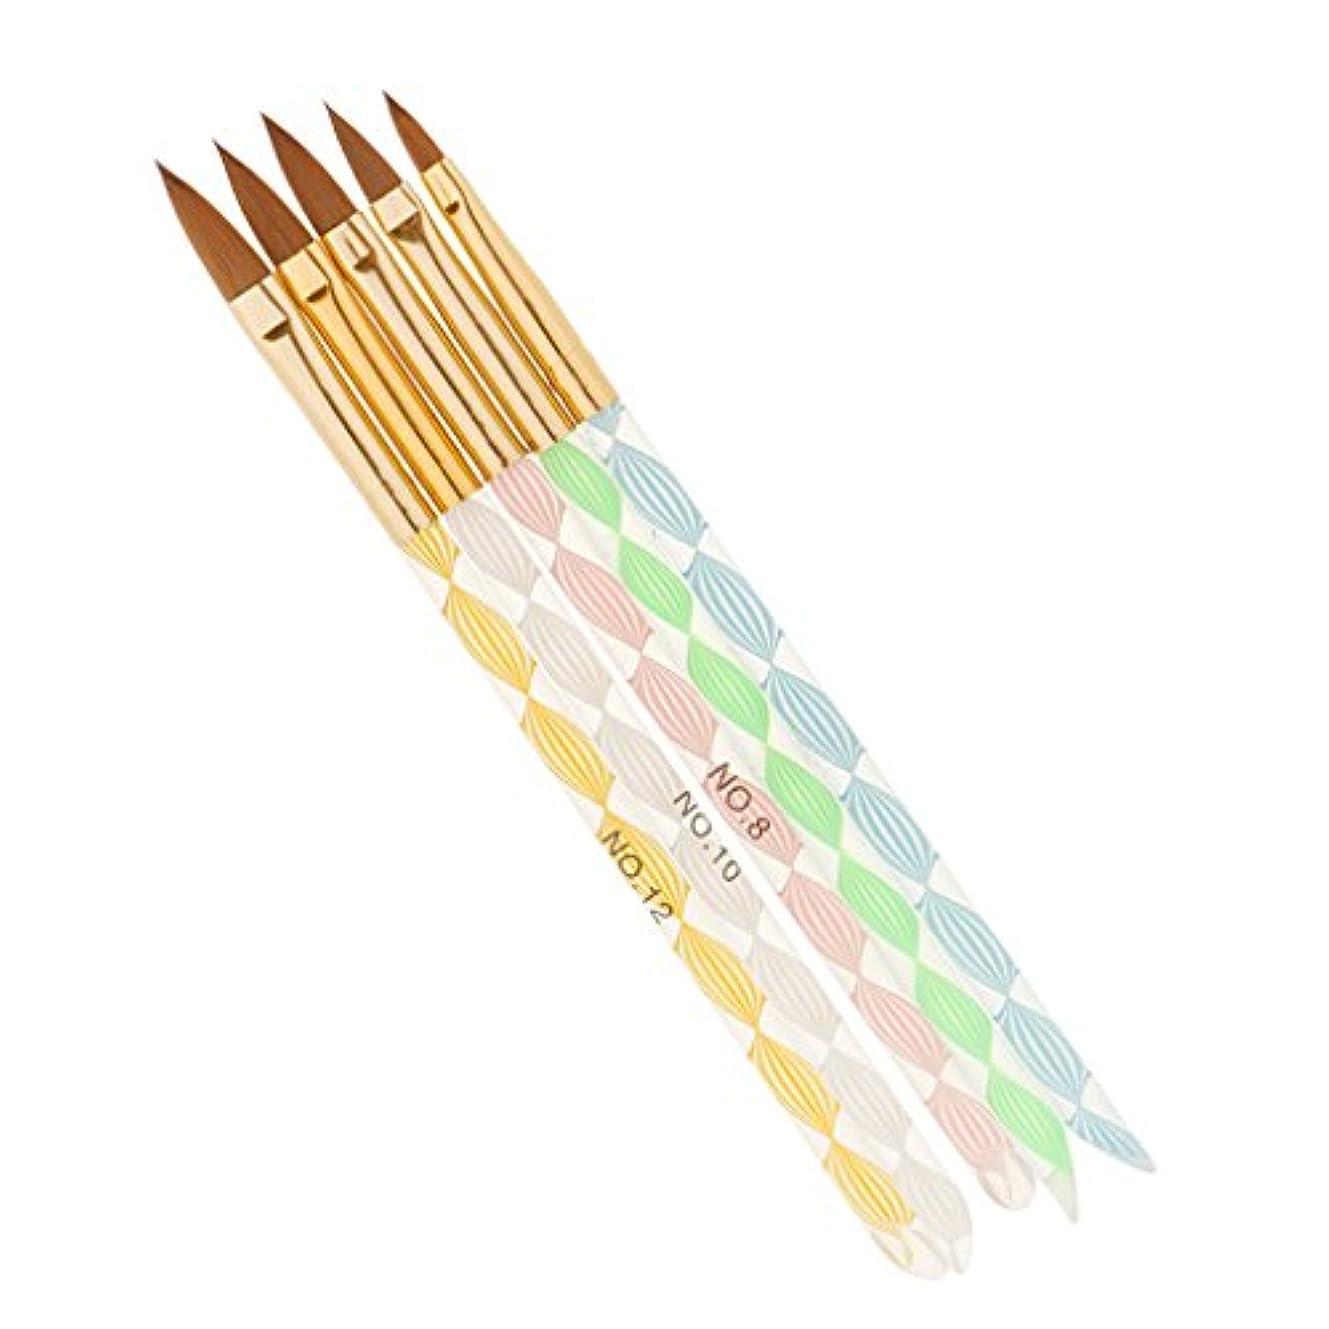 日付付き真面目な審判5本 ネイルアート デザイン ブラシキット マニキュアツール 絵画 描画 磨き ブラシ